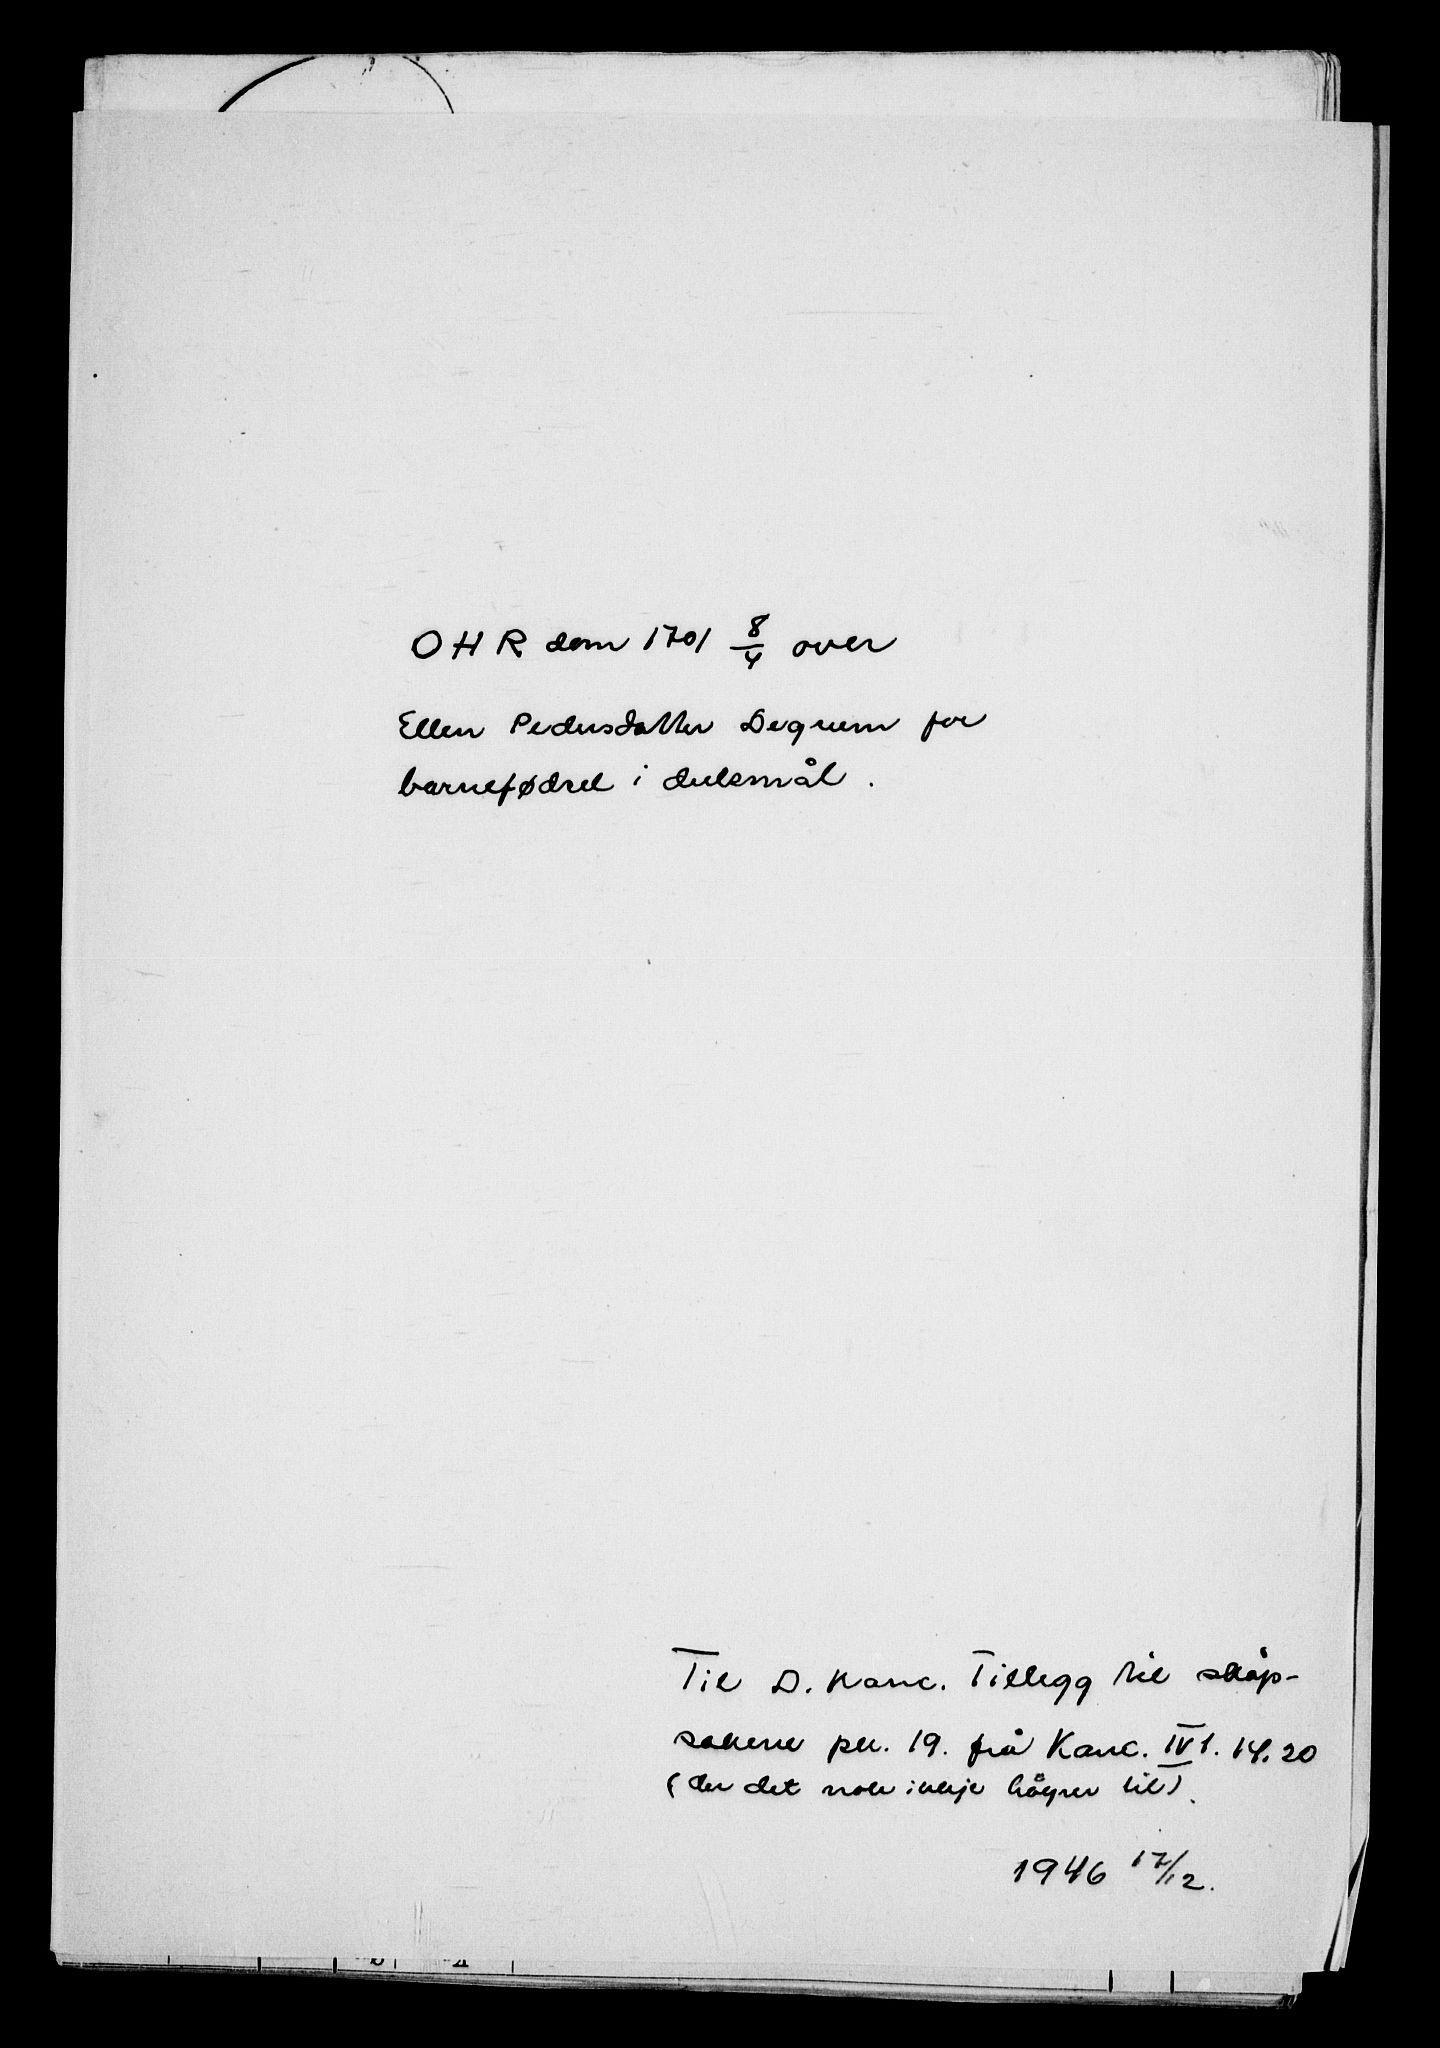 RA, Danske Kanselli, Skapsaker, G/L0019: Tillegg til skapsakene, 1616-1753, s. 307